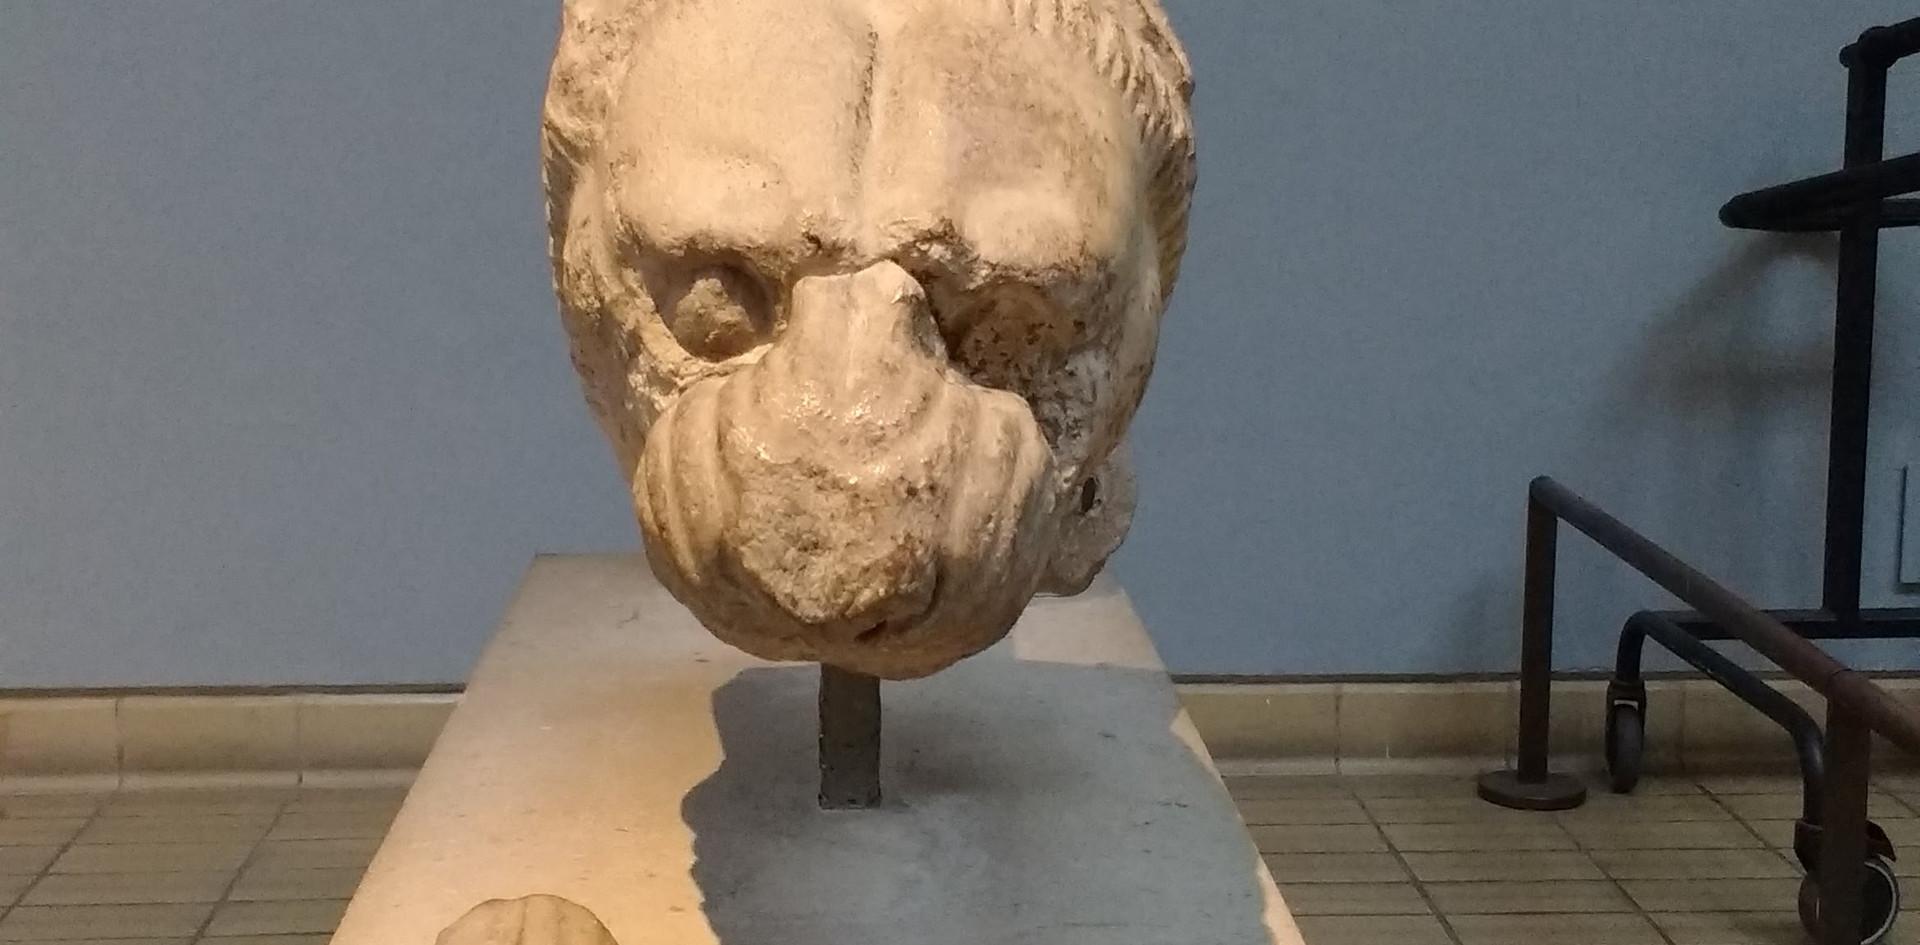 Sculpture - British Museum